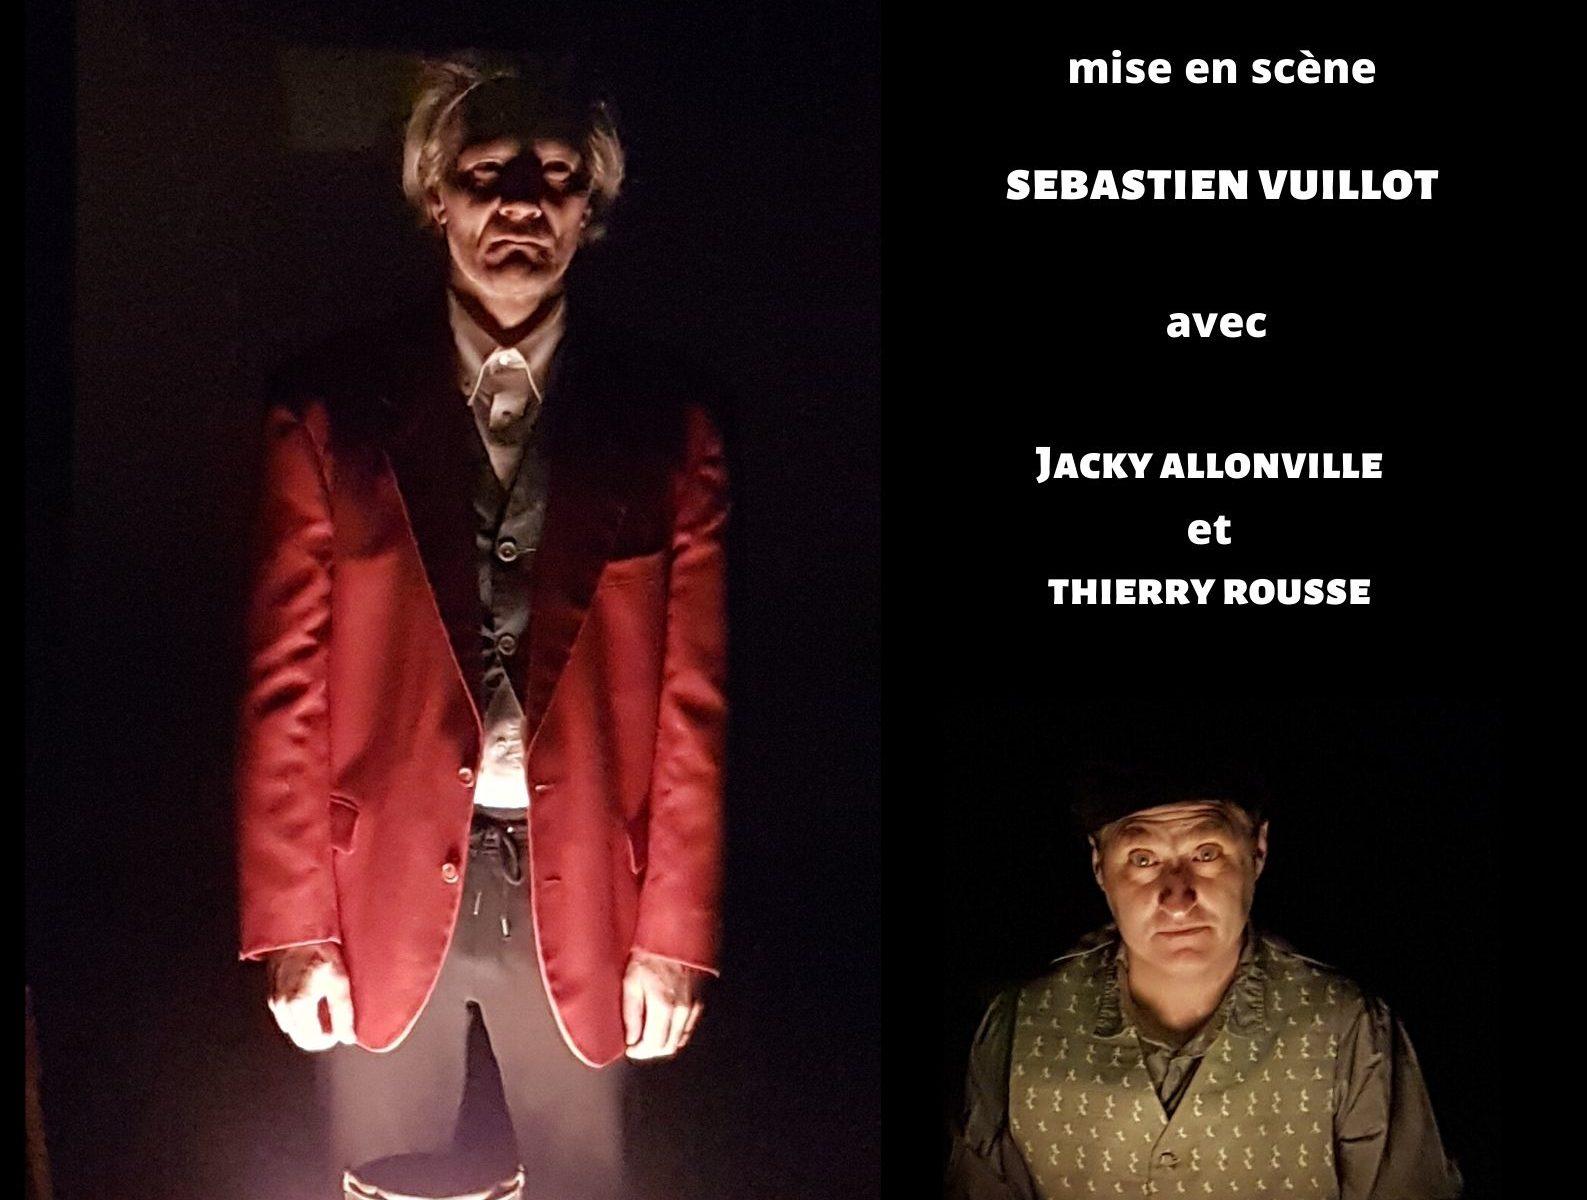 La ferme des animaux de George Orwell mise en scène de Sébastien Vuillot avec Jacky Allonville et Thierry Rousse